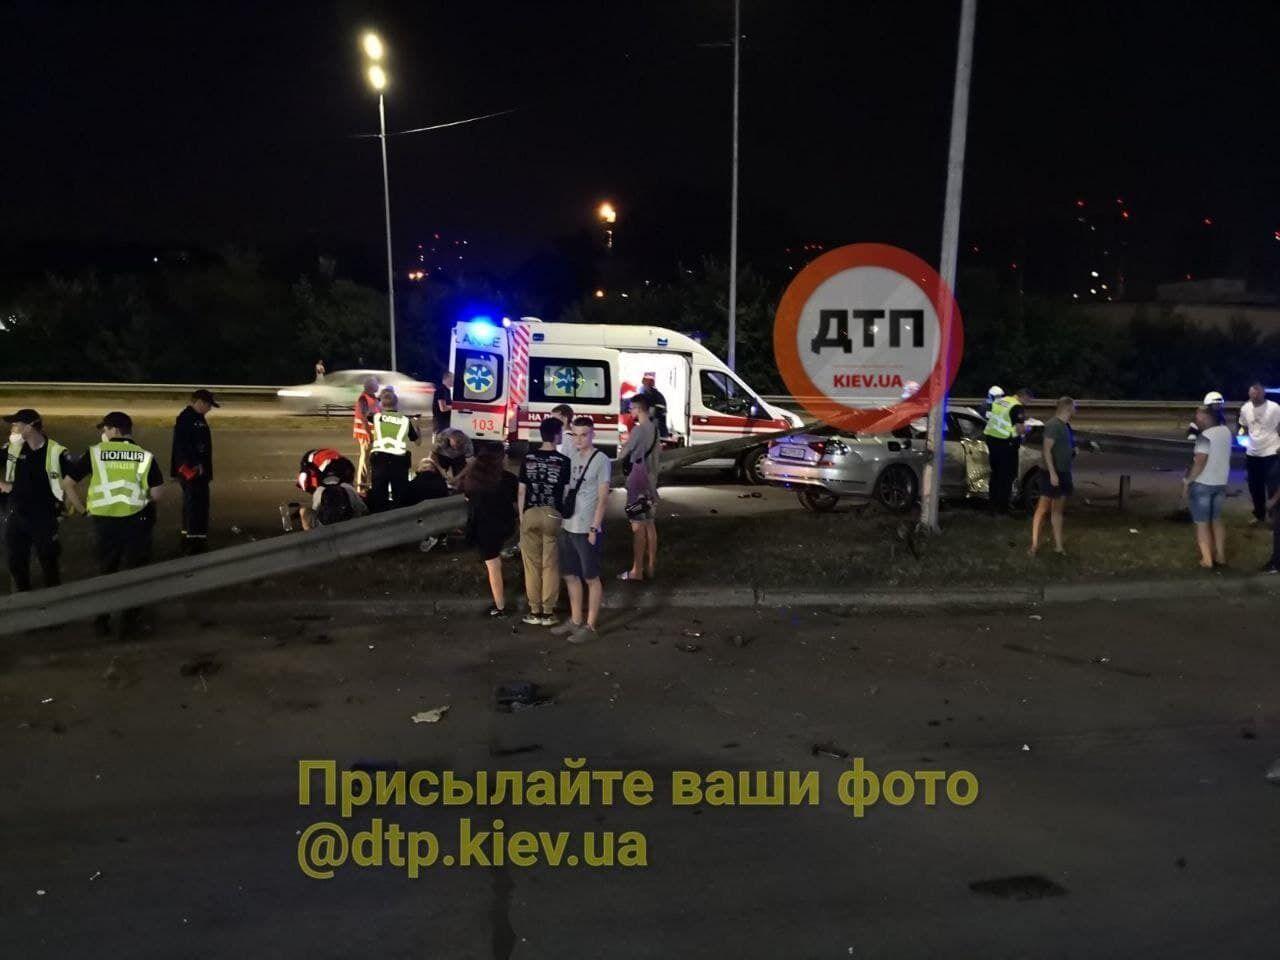 Авария произошла в ночь с 1 на 2 августа.